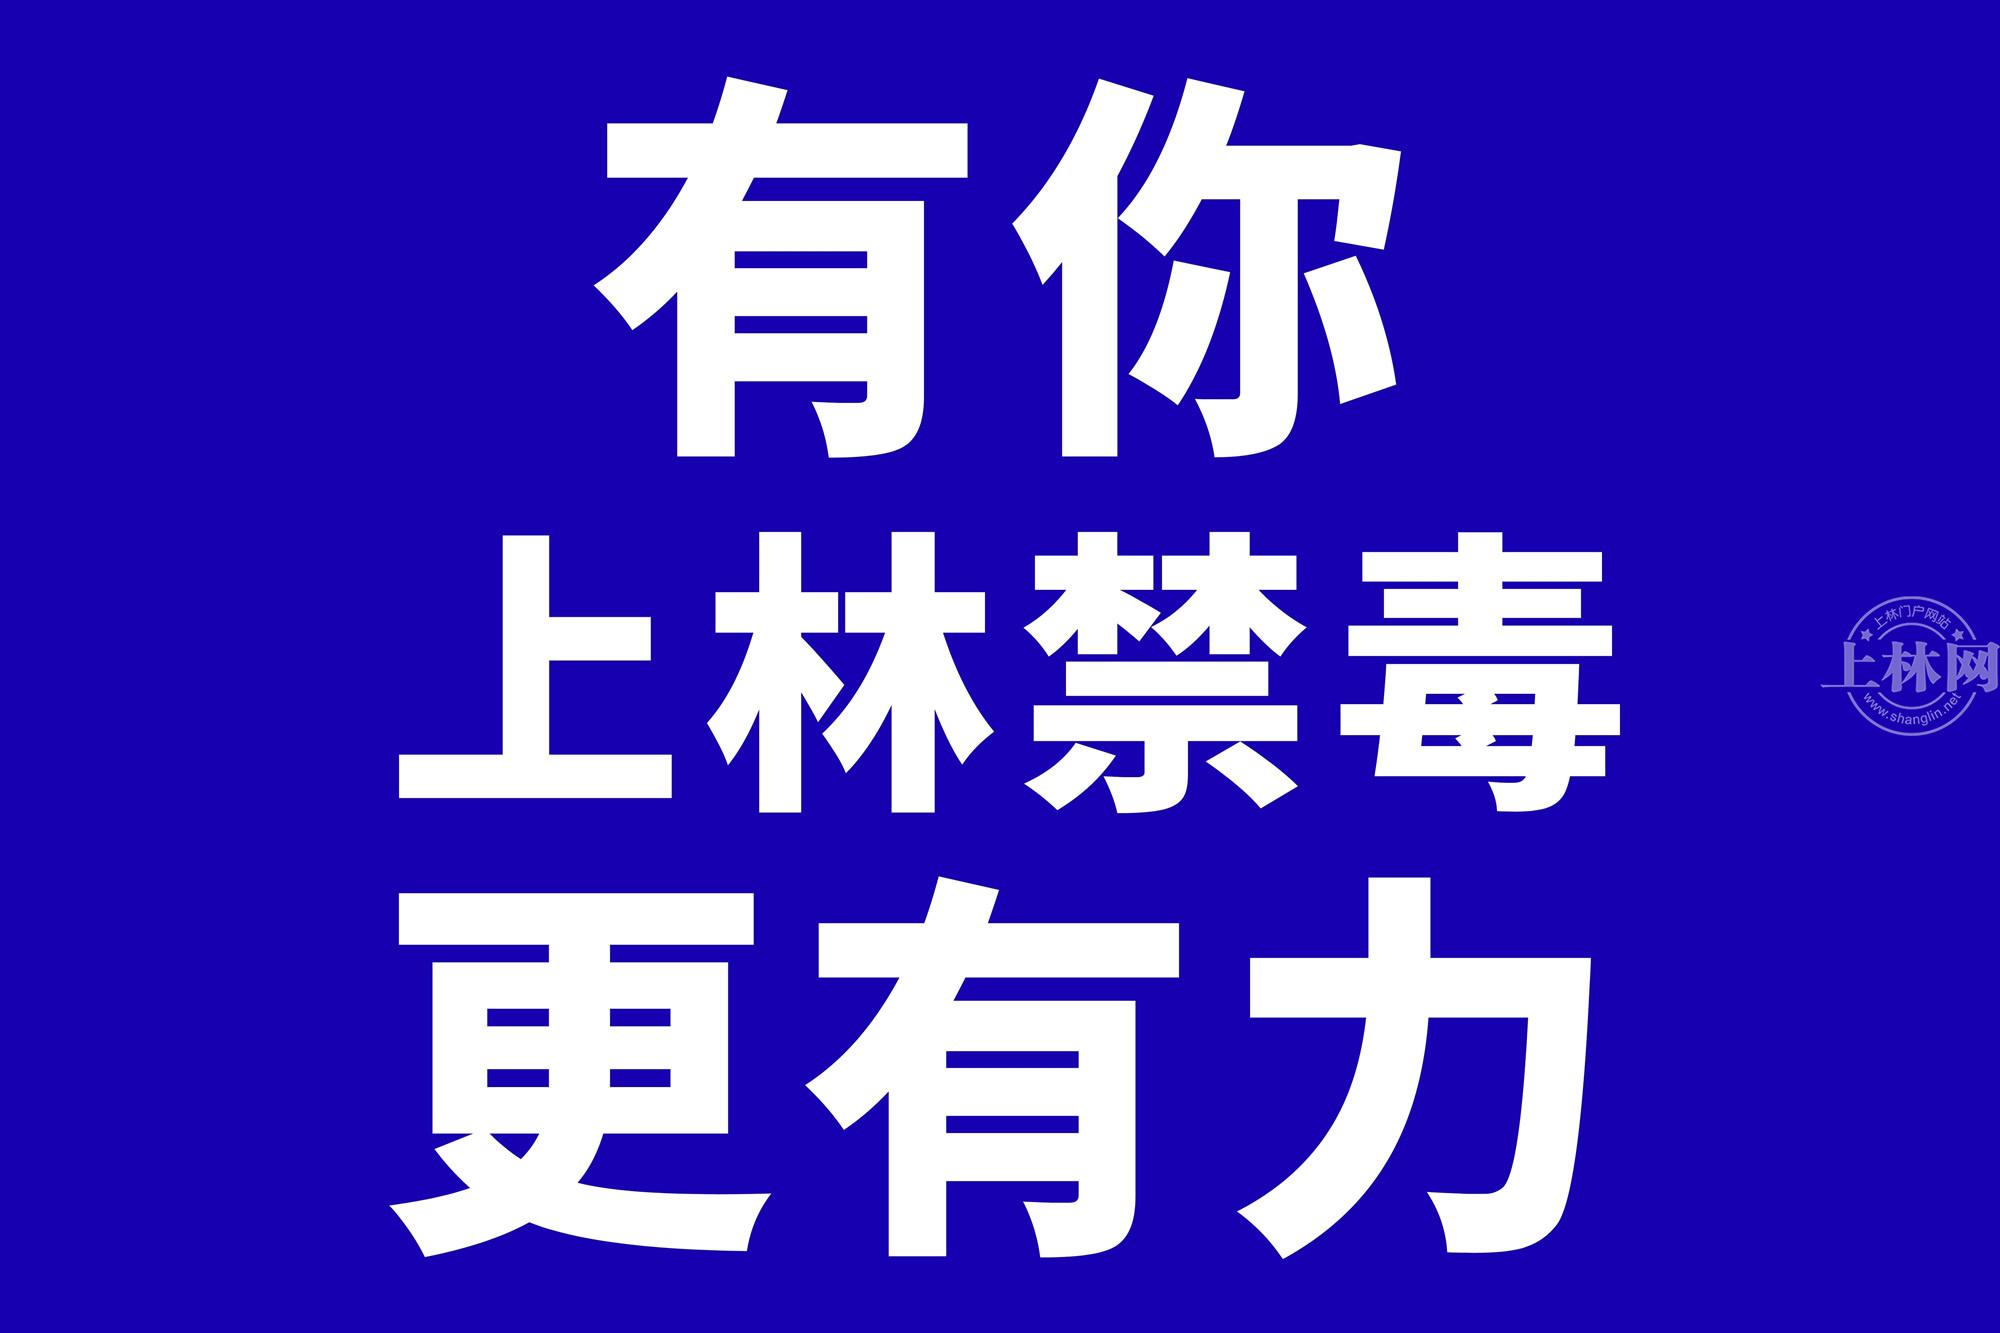 图怪兽_副本.jpg